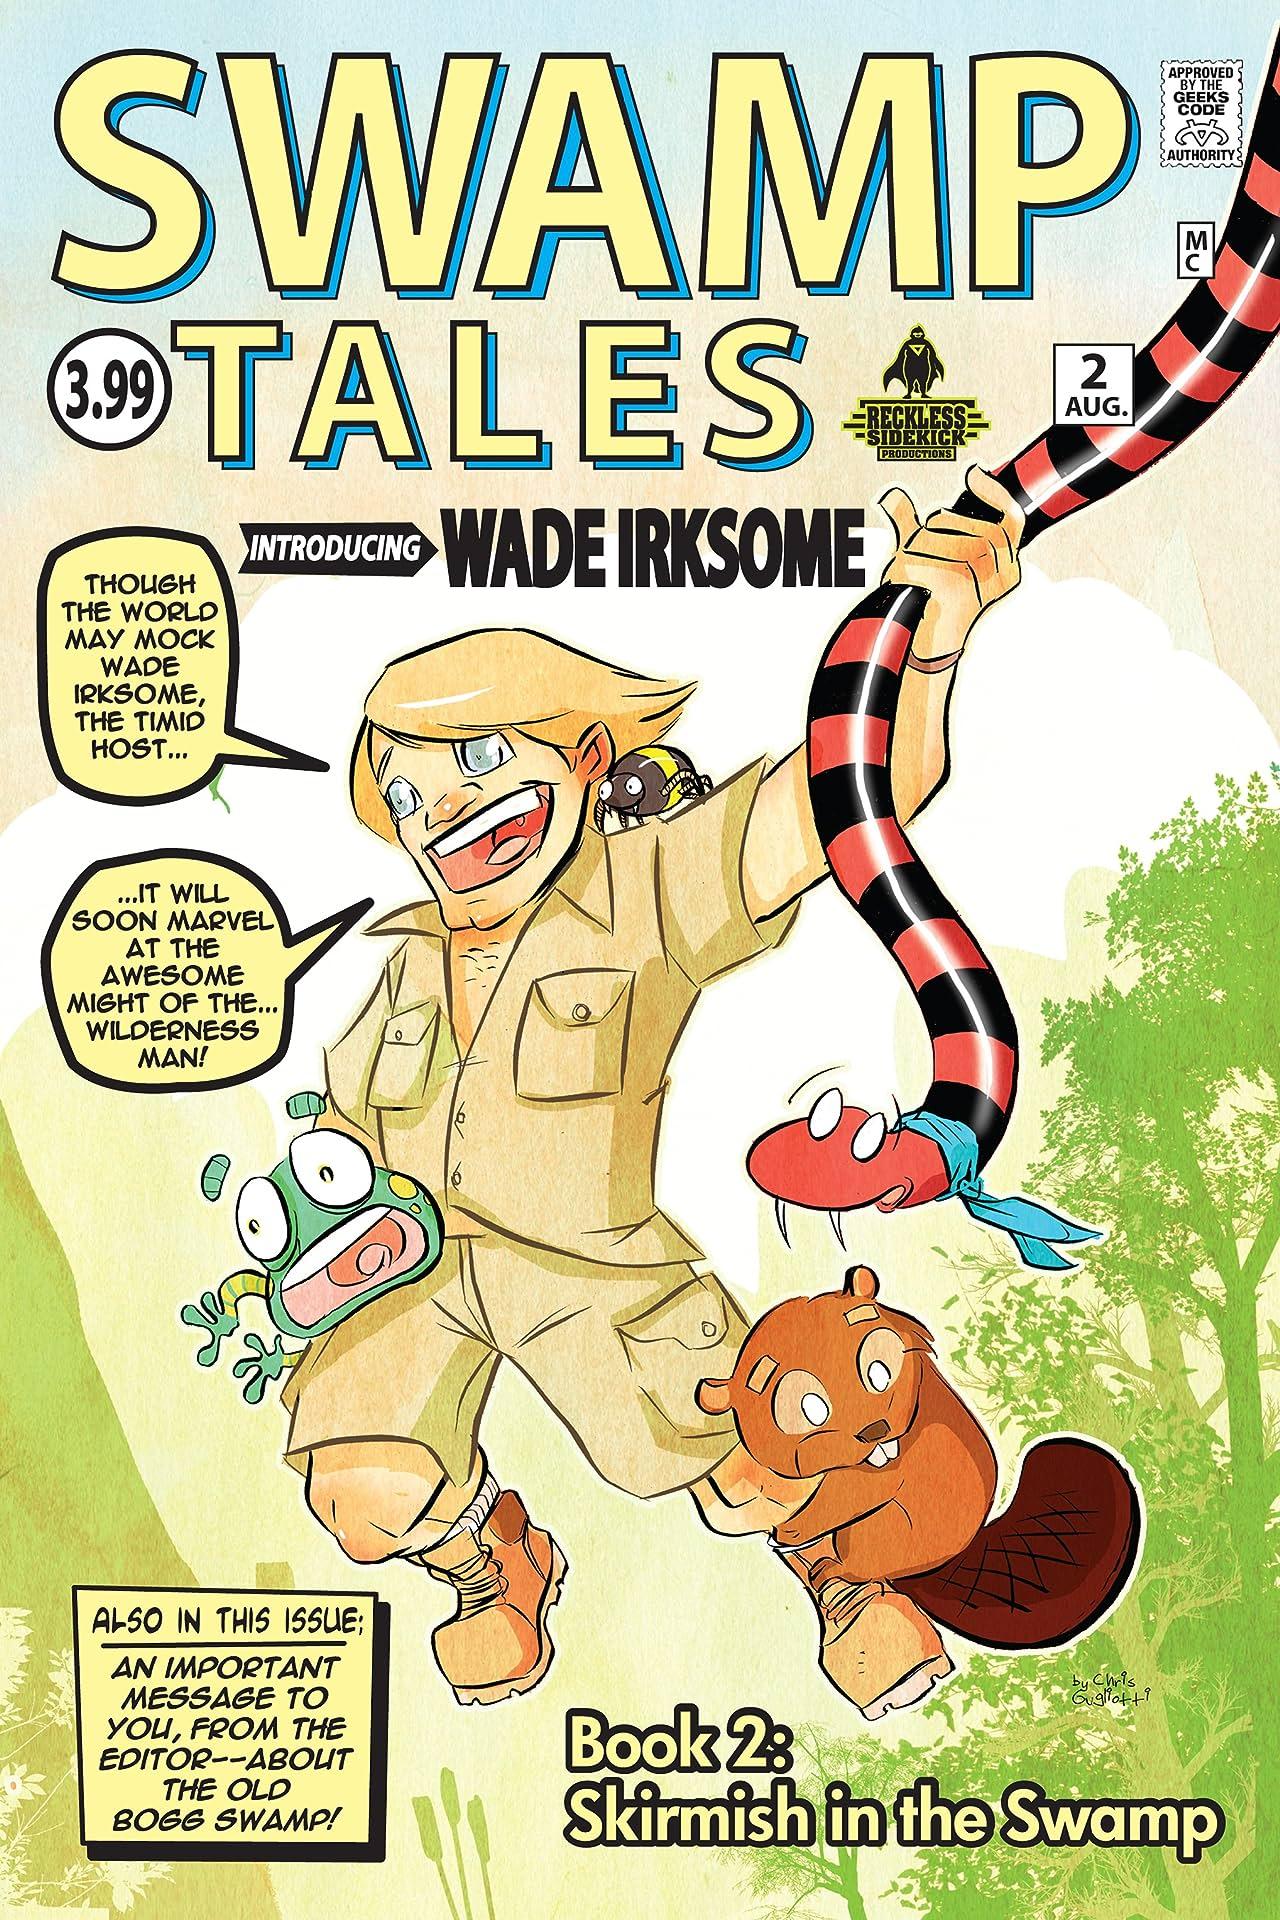 Swamp Tales #2